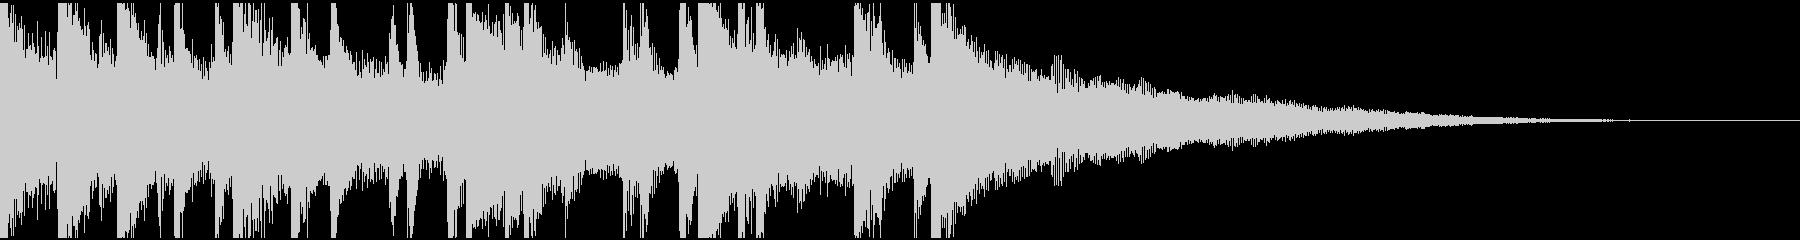 ウクレレ、ピアノの楽しい楽曲15秒Bの未再生の波形